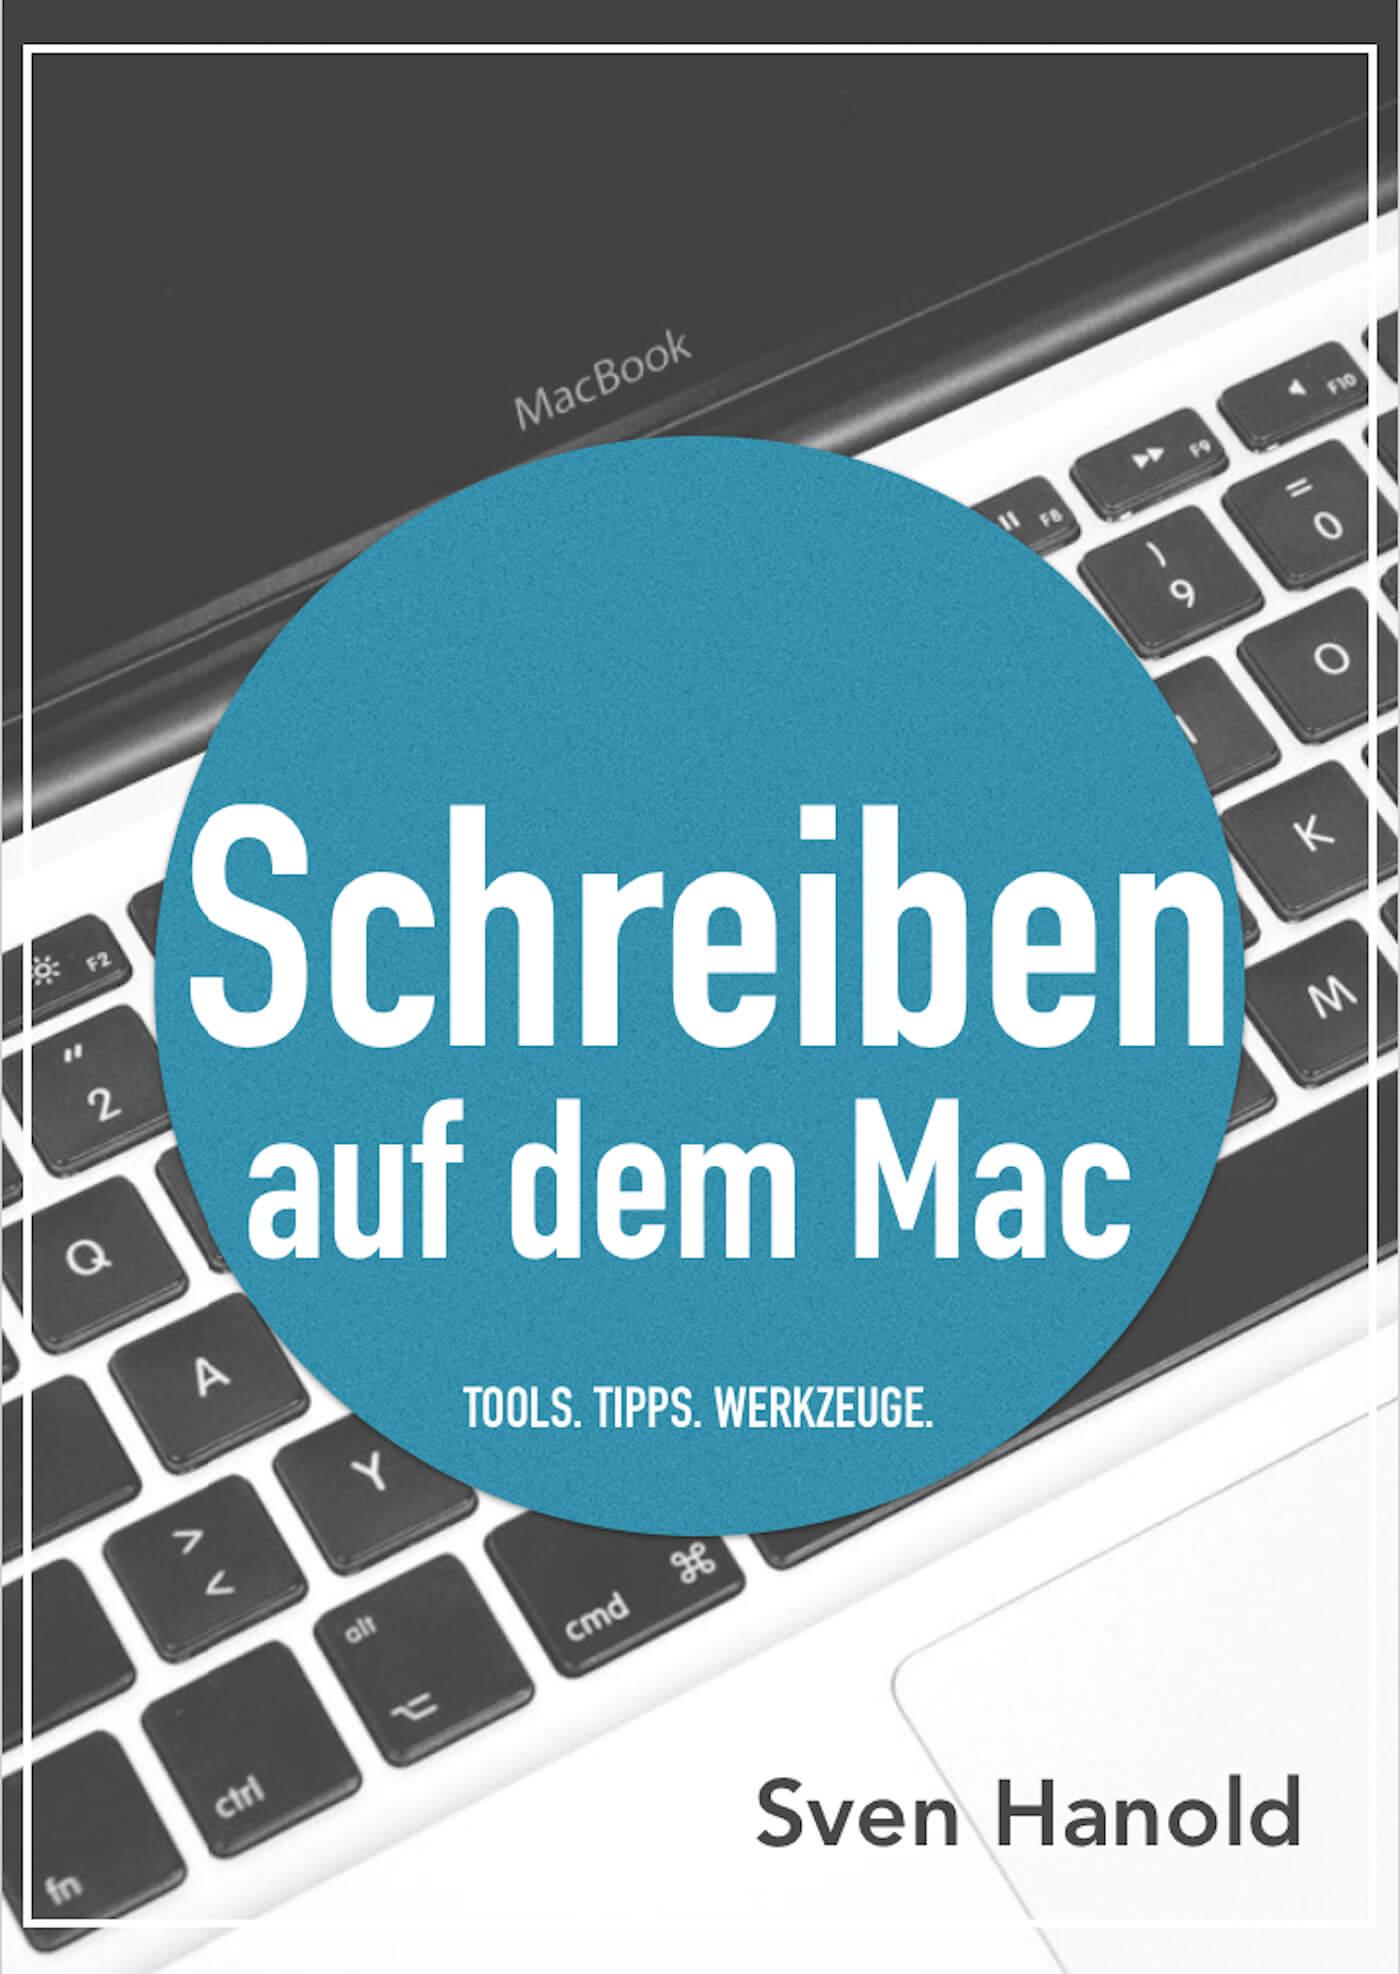 Großzügig Buch Verfassen Ideen - Druckbare Malvorlagen - amaichi.info